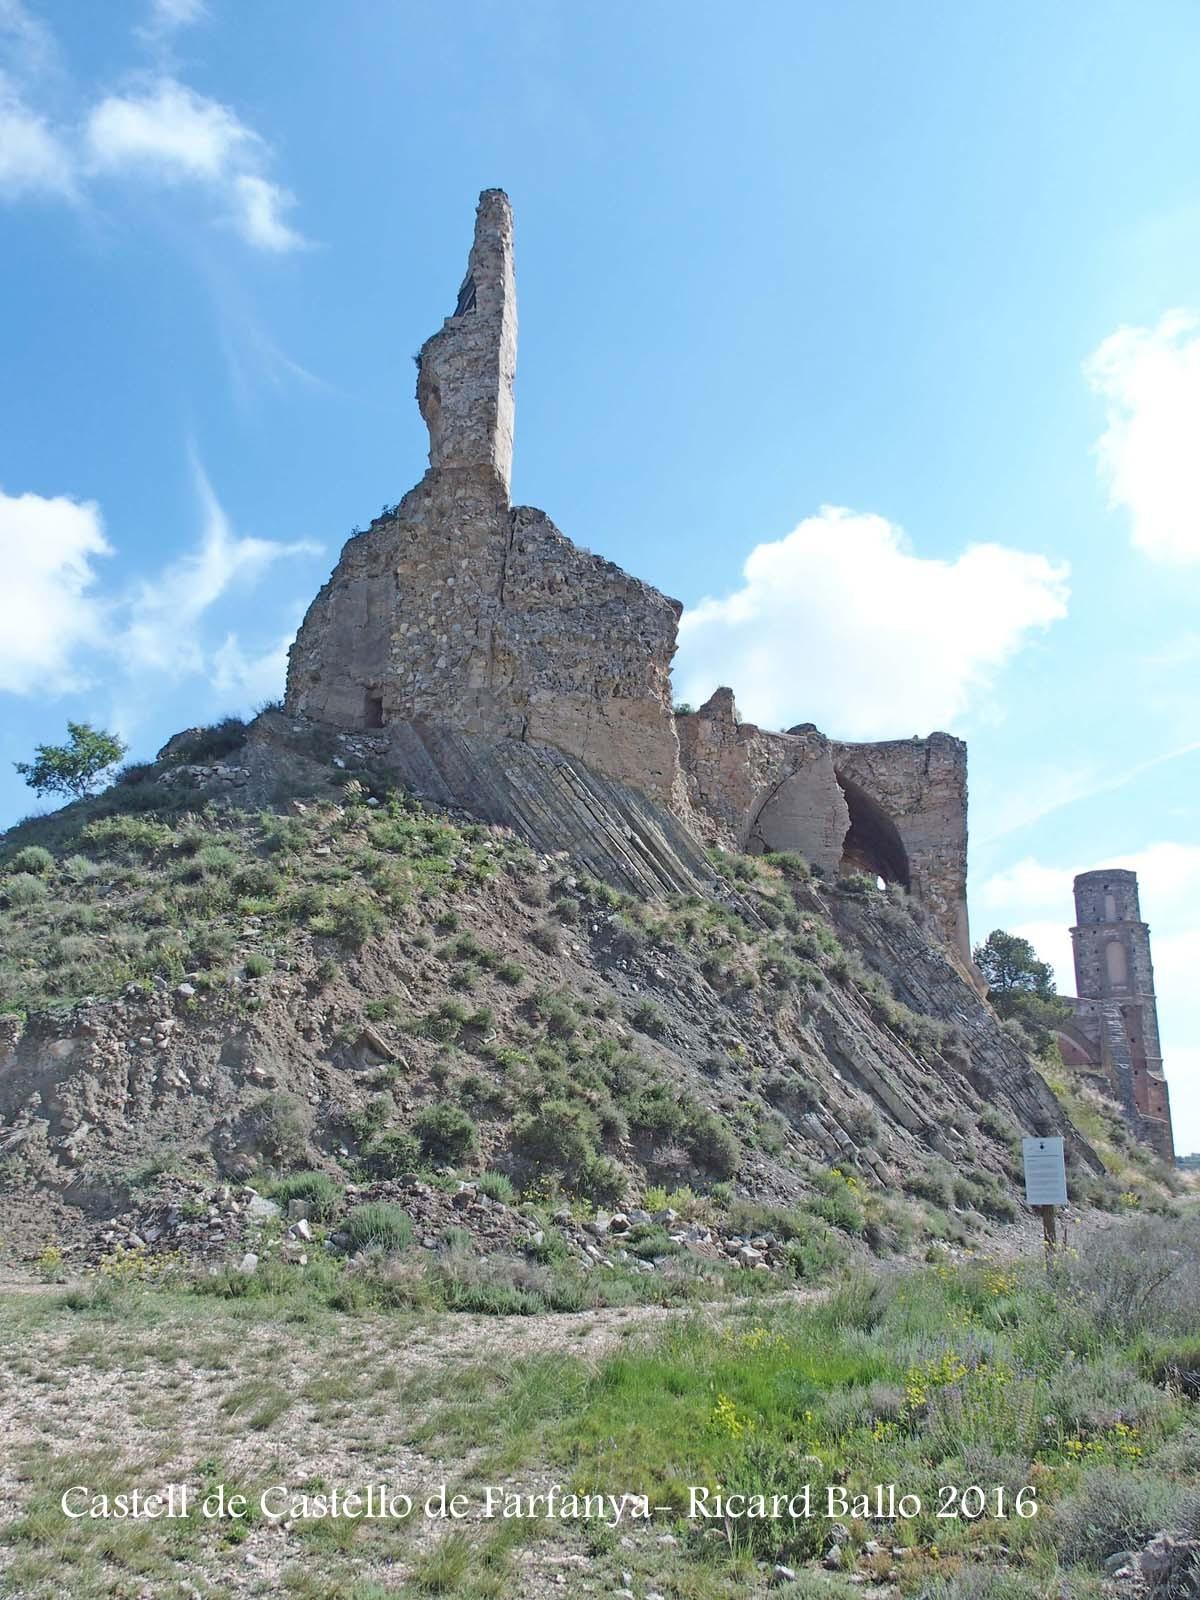 Restes del castell de Castelló de Farfanya